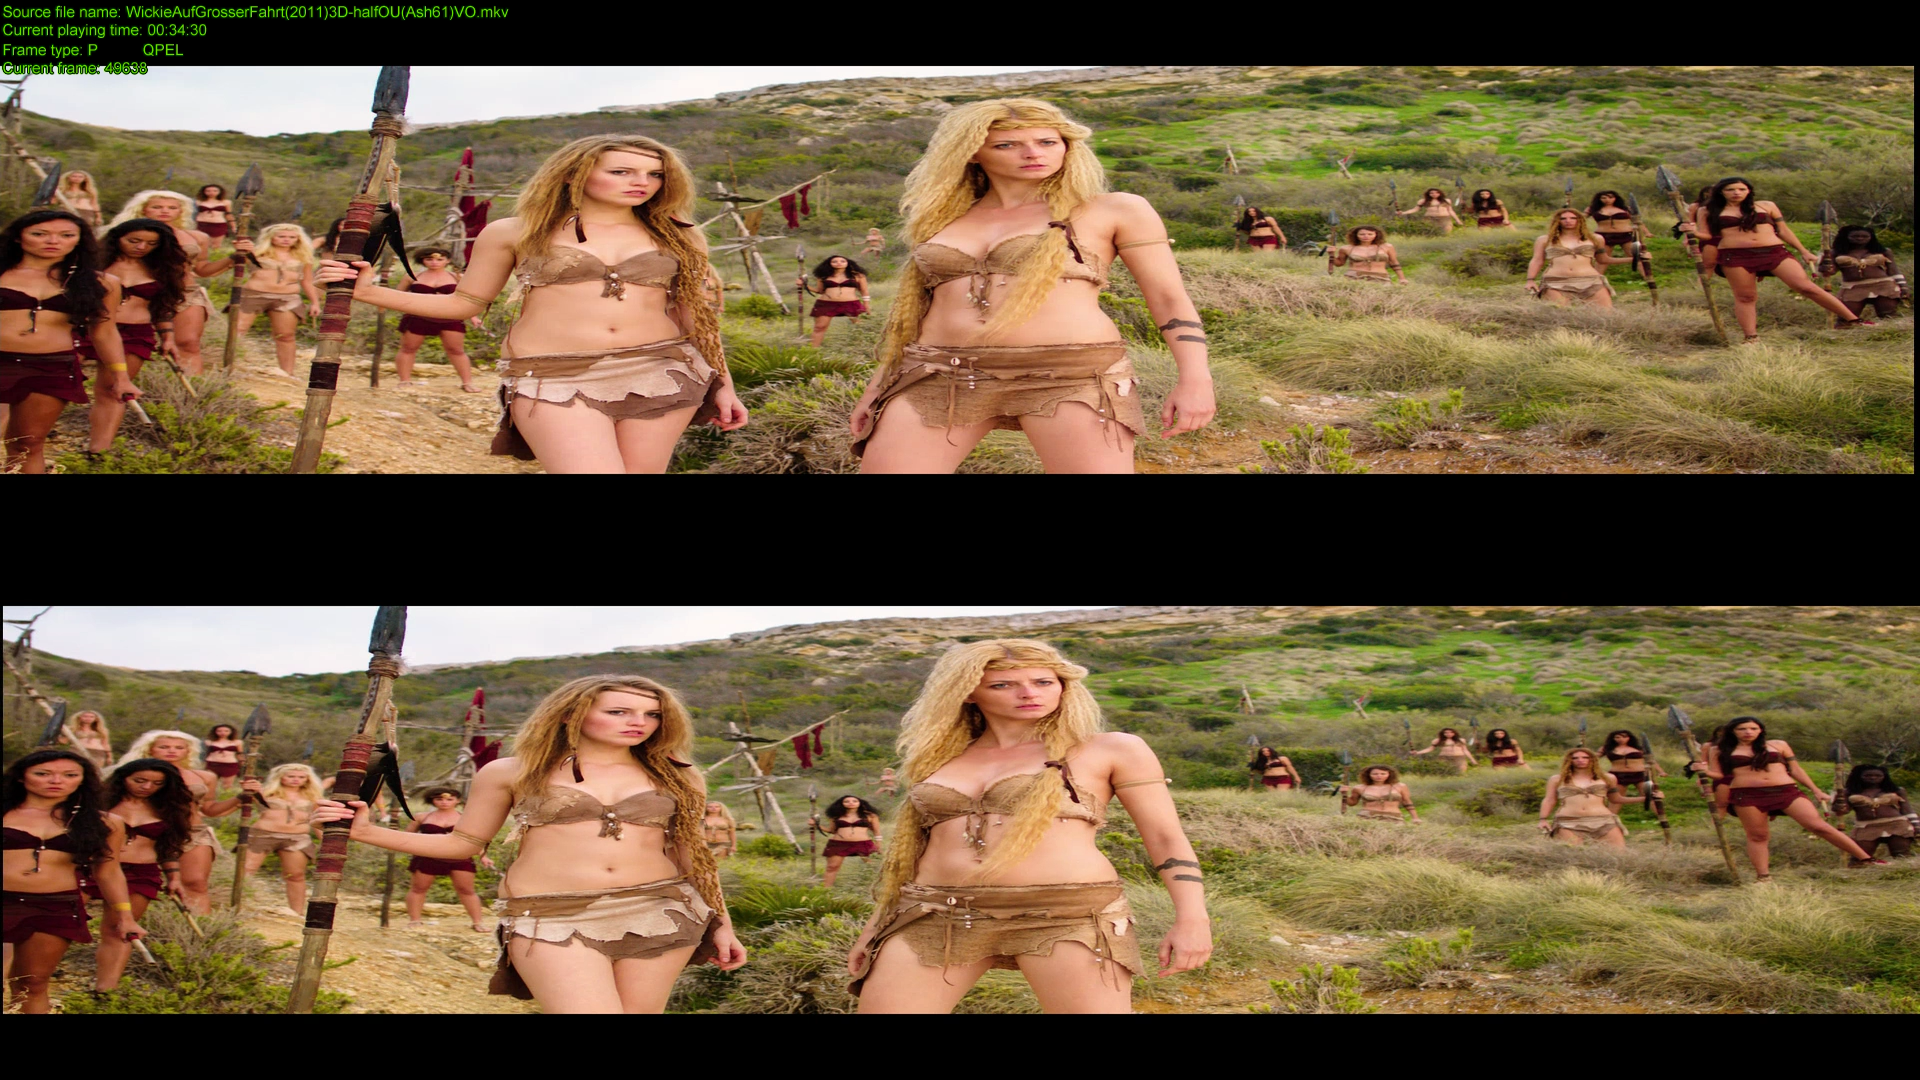 фильмы викингов амазонки скачать хорошем качестве предпочитают торрент через в